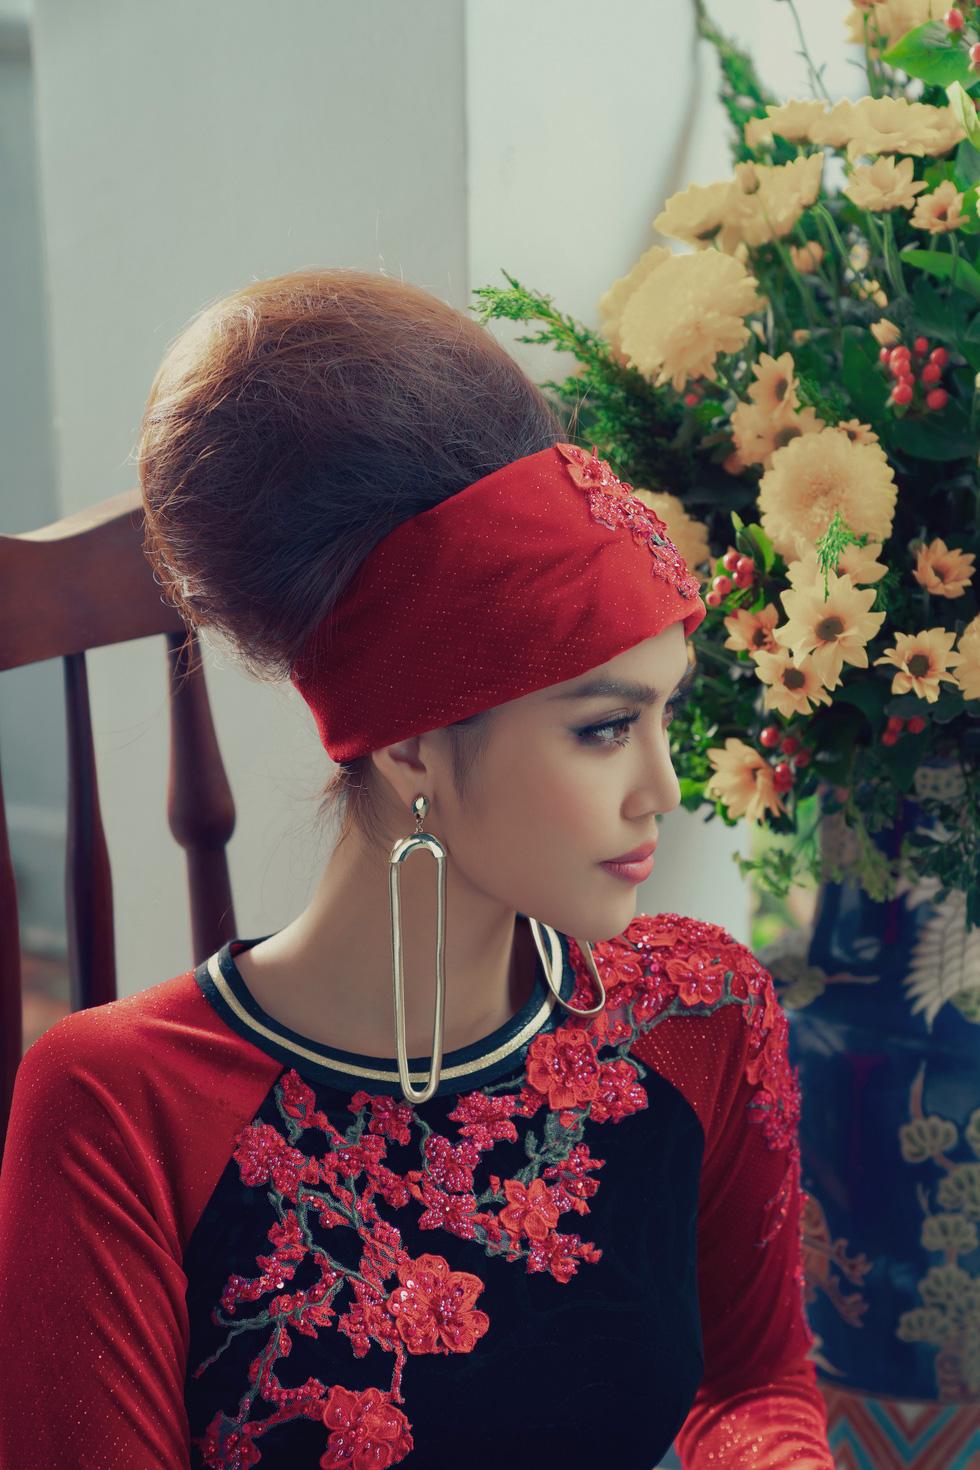 Lan Khuê, Thanh Hằng diện áo dài Nam Kỳ lục tỉnh - Ảnh 4.